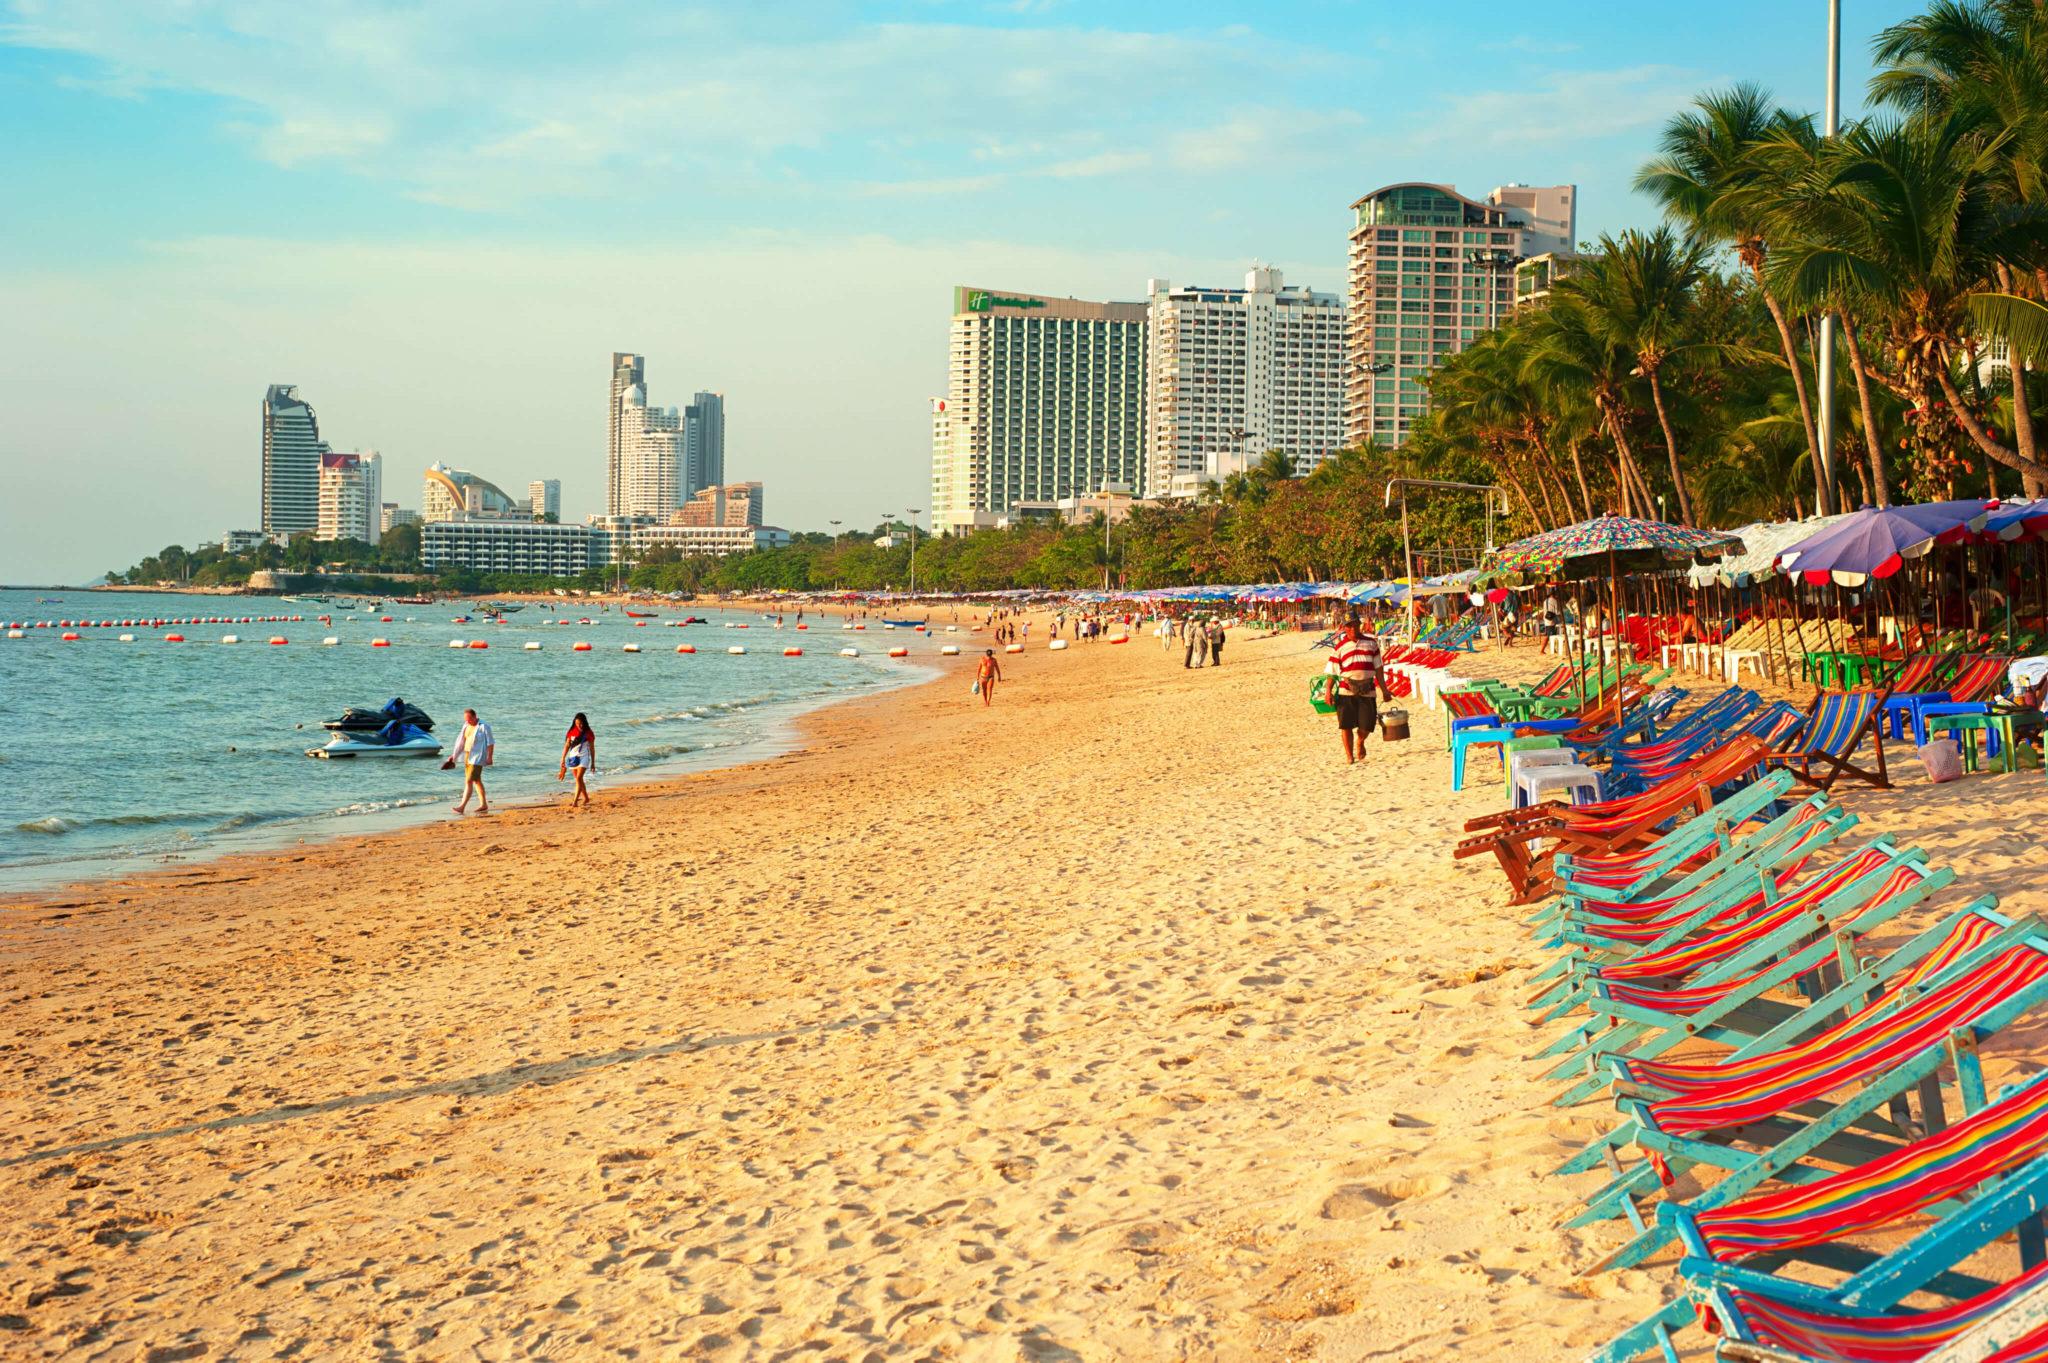 7 ชายหาดทะเลพัทยา ที่ยังสวยสะอาดน่าเที่ยวใกล้กรุงเทพ ไม่ต้องหนีร้อนไปไกล ก็พักได้ ชิลๆ 184 - Beach